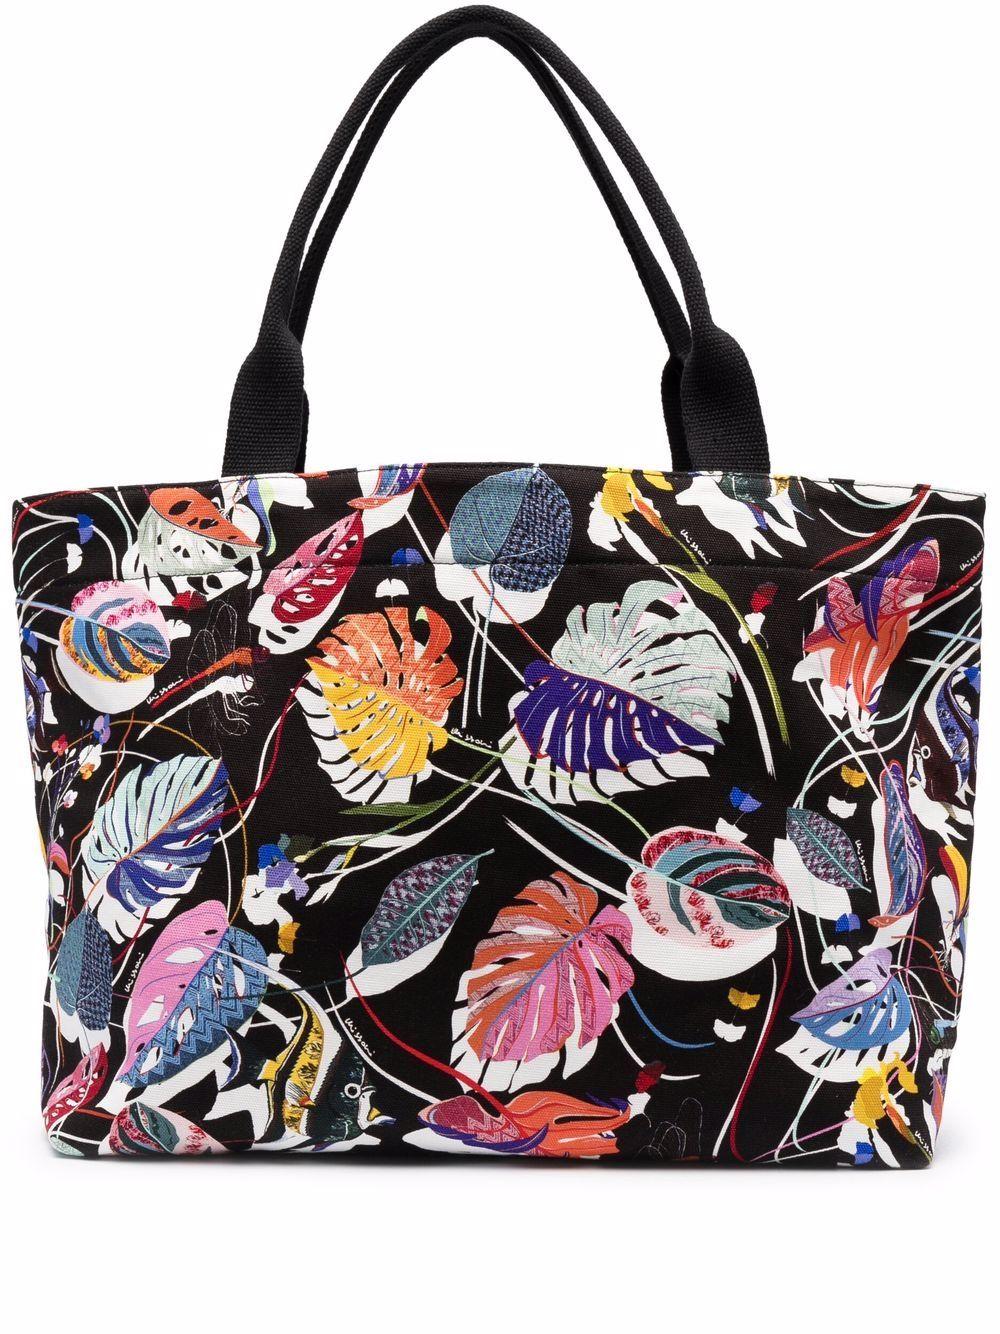 Missoni Handtasche mit Blätter-Print - Schwarz